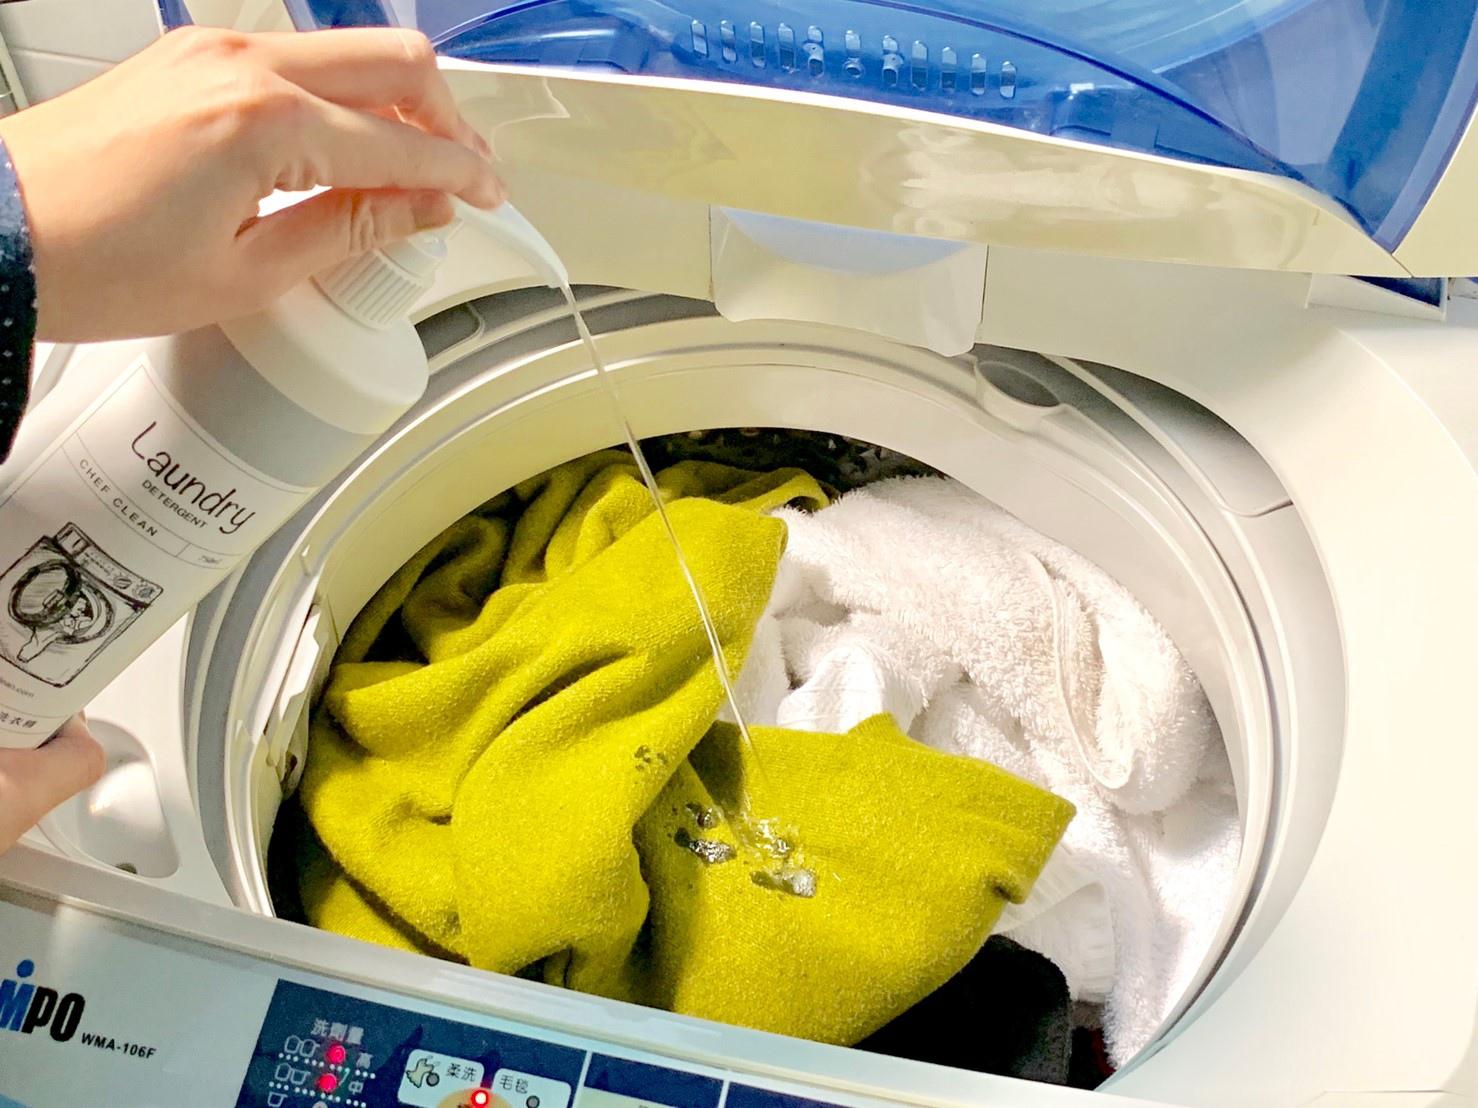 淨毒五郎|除臭酵素洗衣精&洗衣槽抗菌清潔劑,自然關懷/友善肌膚【守護健康的綠色清潔用品】超強淨力/溫和安全的好產品,養成你的有酵洗衣好習慣~